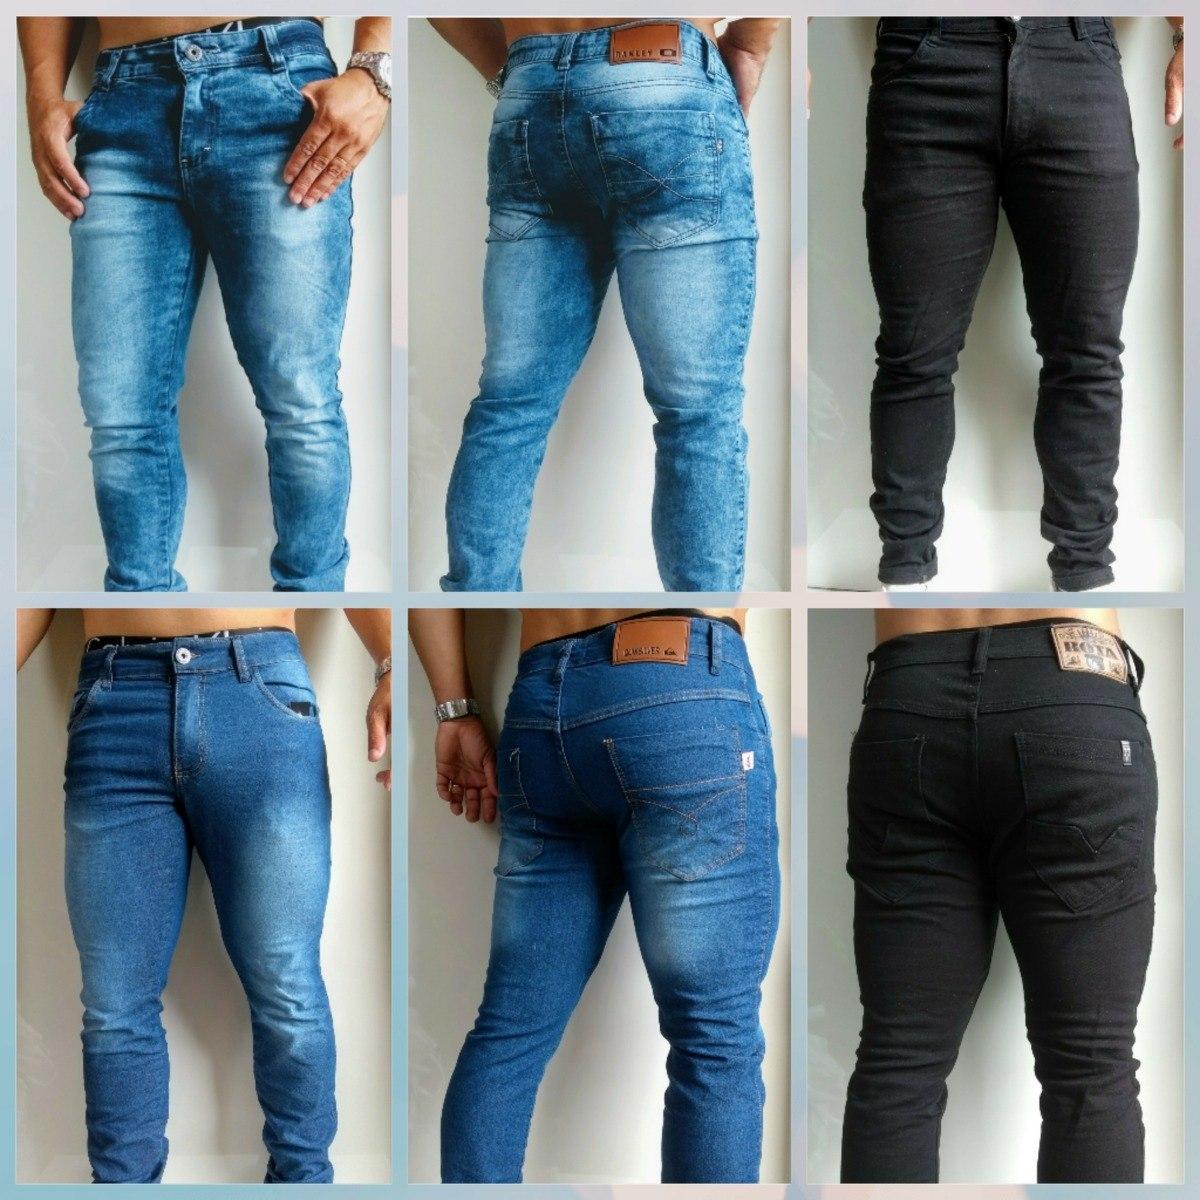 999a4cdaba915 kit calça jeans masculinas 03 peças calças com elastano. Carregando zoom.